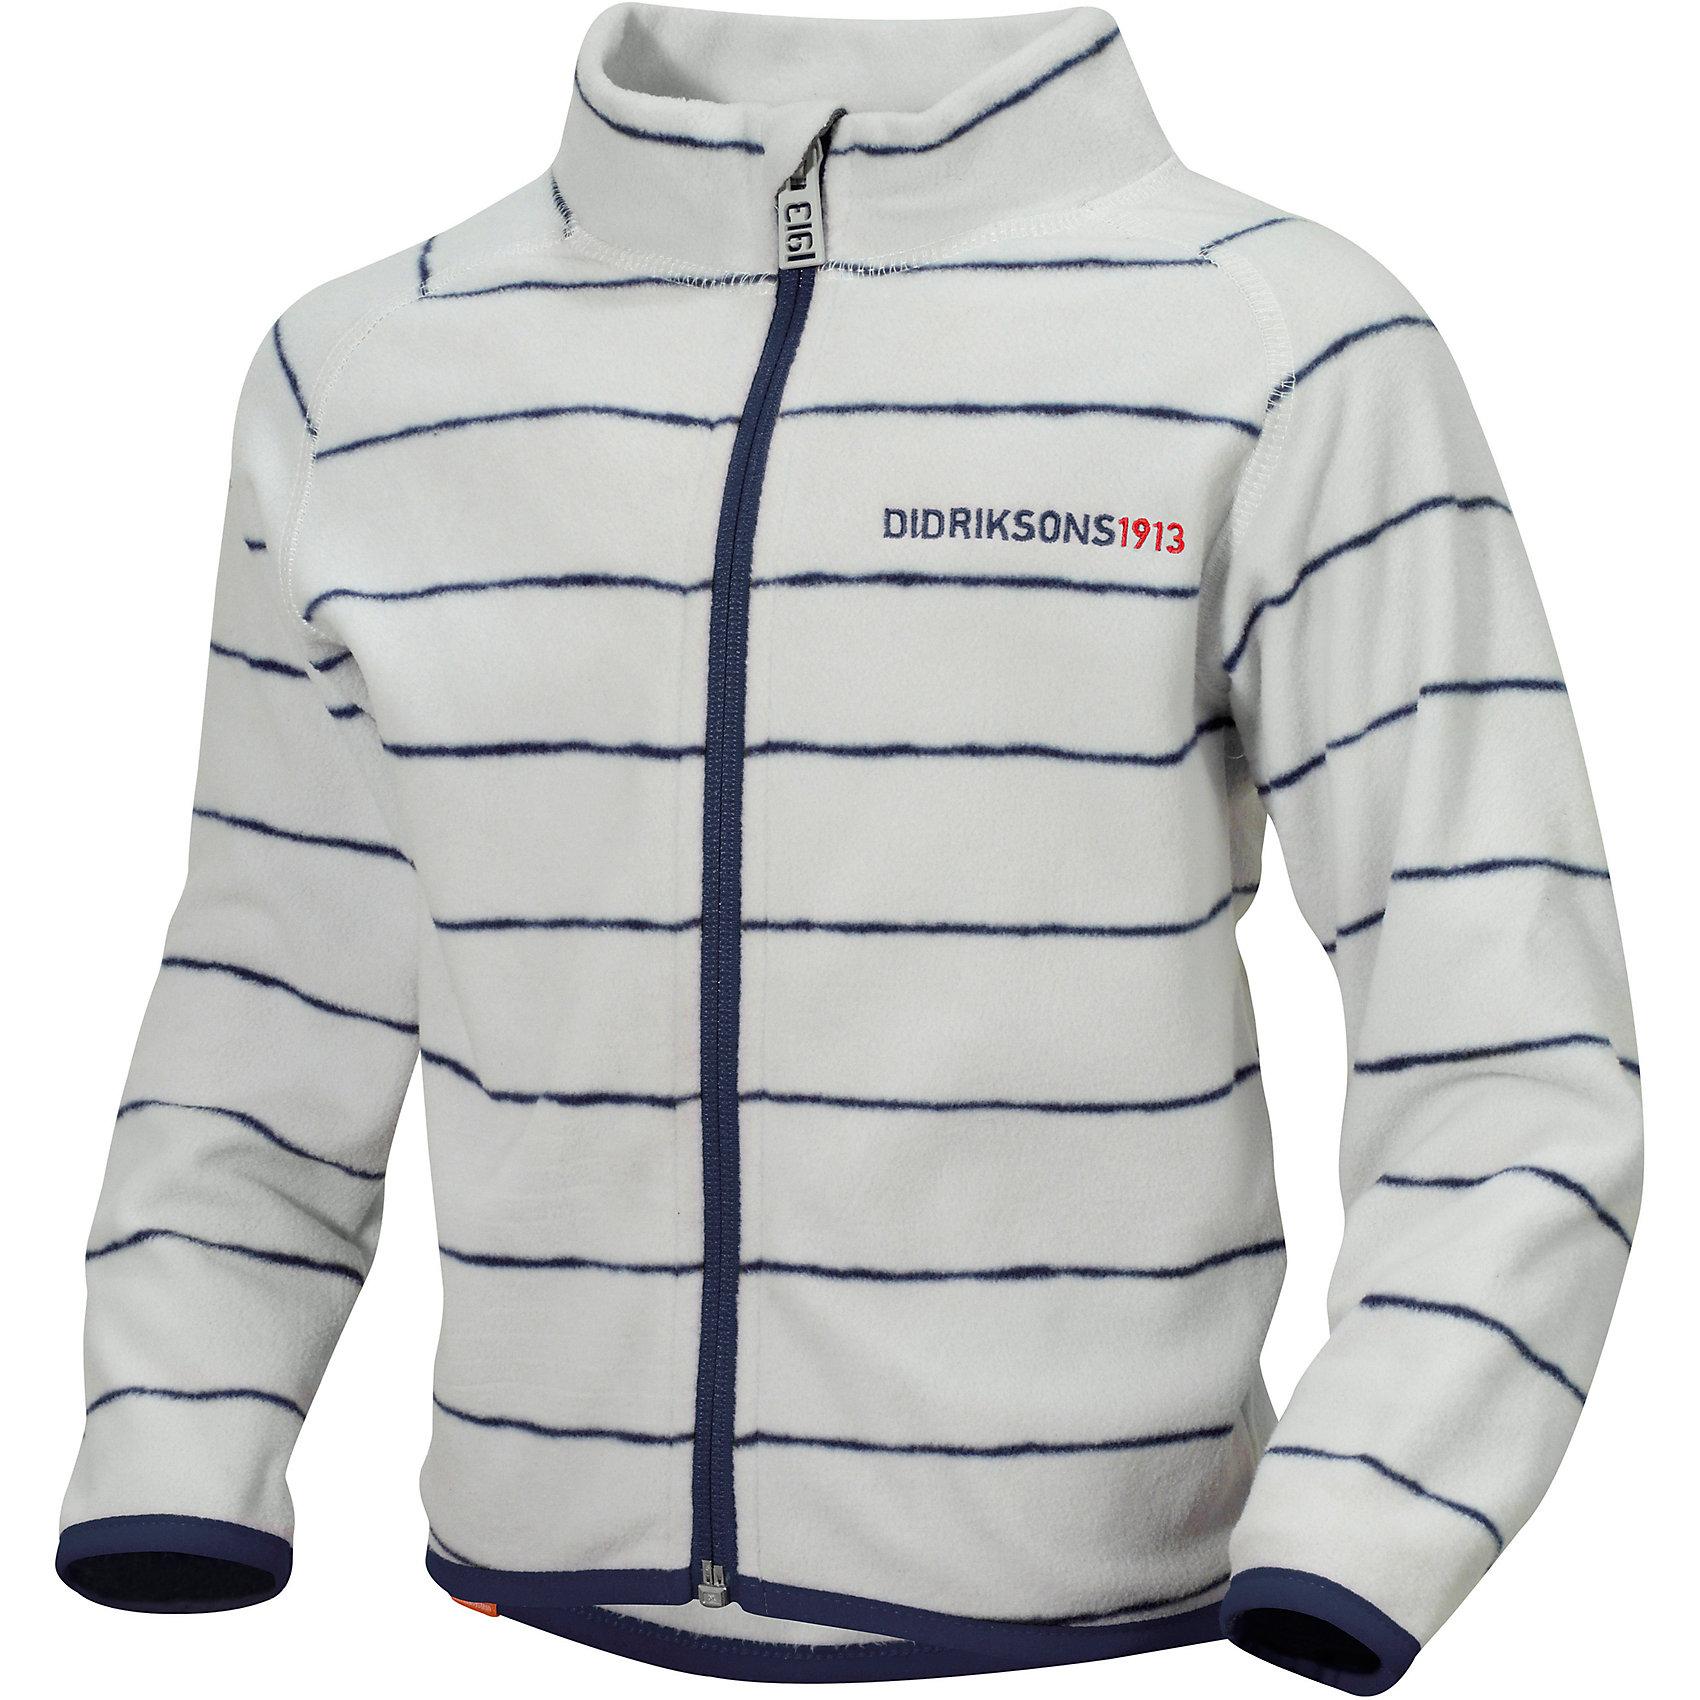 Куртка флисовая Monte Printed DIDRIKSONSХарактеристики товара:<br><br>• цвет: бело-серый<br>• материал: 100% полиэстер<br>• флис<br>• длинные рукава<br>• застежка: молния<br>• страна бренда: Швеция<br>• страна производства: Китай<br><br>Такие мягкие кофты сейчас очень популярны у детей! Это не только стильно, но еще и очень комфортно, а также тепло. Такая качественная кофта обеспечит ребенку удобство при прогулках и активном отдыхе в прохладные дне, в межсезонье или зимой. Такая модель от шведского производителя легко стирается, подходит под разные погодные условия.<br>Кофта сшита из качественной мягкой ткани, которая позволяет телу дышать, она очень приятна на ощупь. Очень стильная и удобная модель! Изделие качественно выполнено, сделано из безопасных для детей материалов. <br><br>Куртку от бренда DIDRIKSONS можно купить в нашем интернет-магазине.<br><br>Ширина мм: 356<br>Глубина мм: 10<br>Высота мм: 245<br>Вес г: 519<br>Цвет: бело-серый<br>Возраст от месяцев: 12<br>Возраст до месяцев: 15<br>Пол: Унисекс<br>Возраст: Детский<br>Размер: 80,110,90,100<br>SKU: 5004102